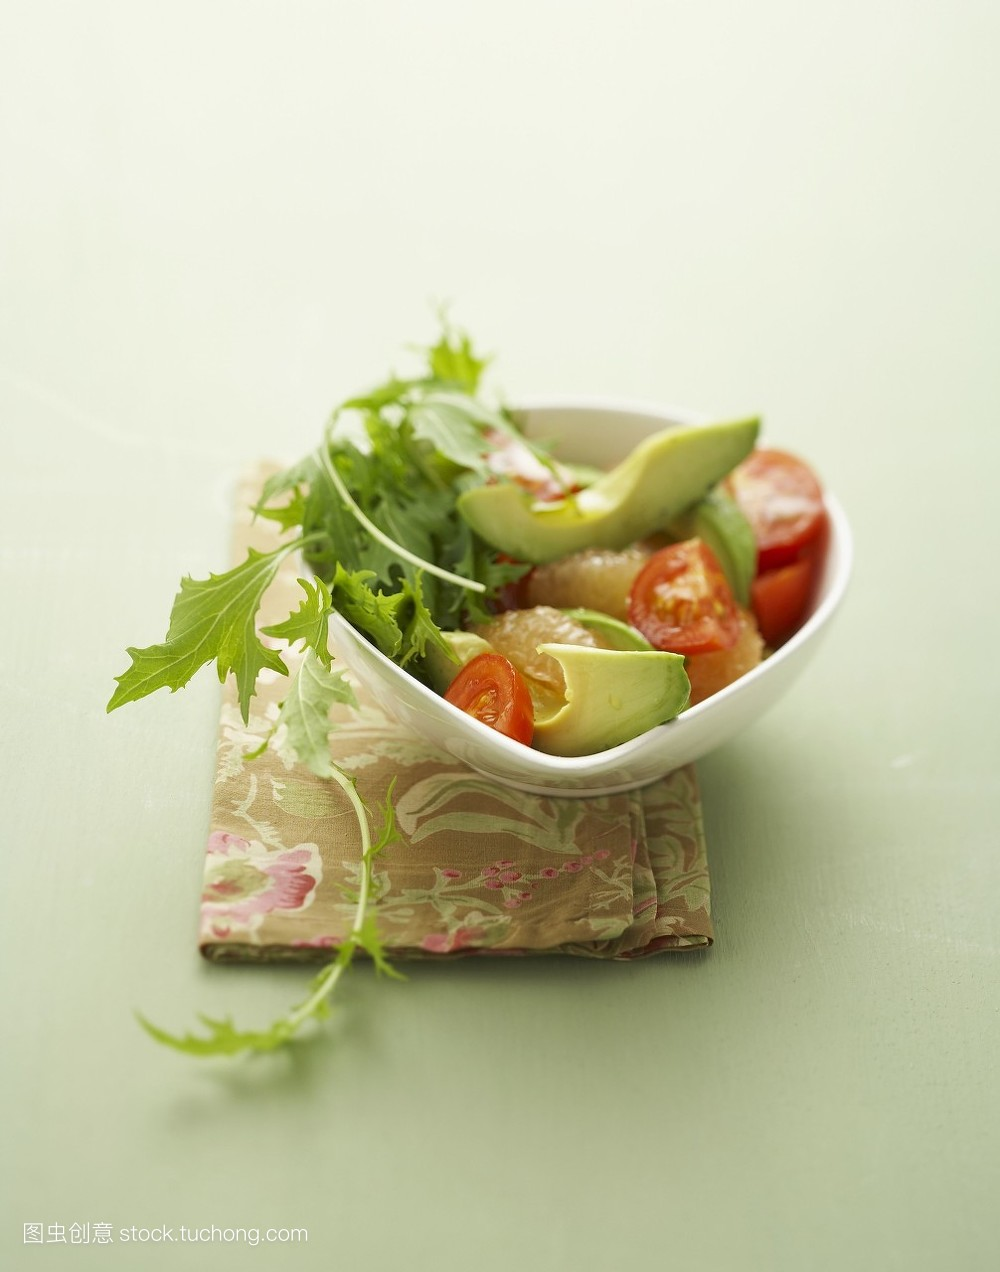 配方,器皿,瓜果,可以食用的,妥当,水果,盘子,就绪,素菜,大量,沙拉图片